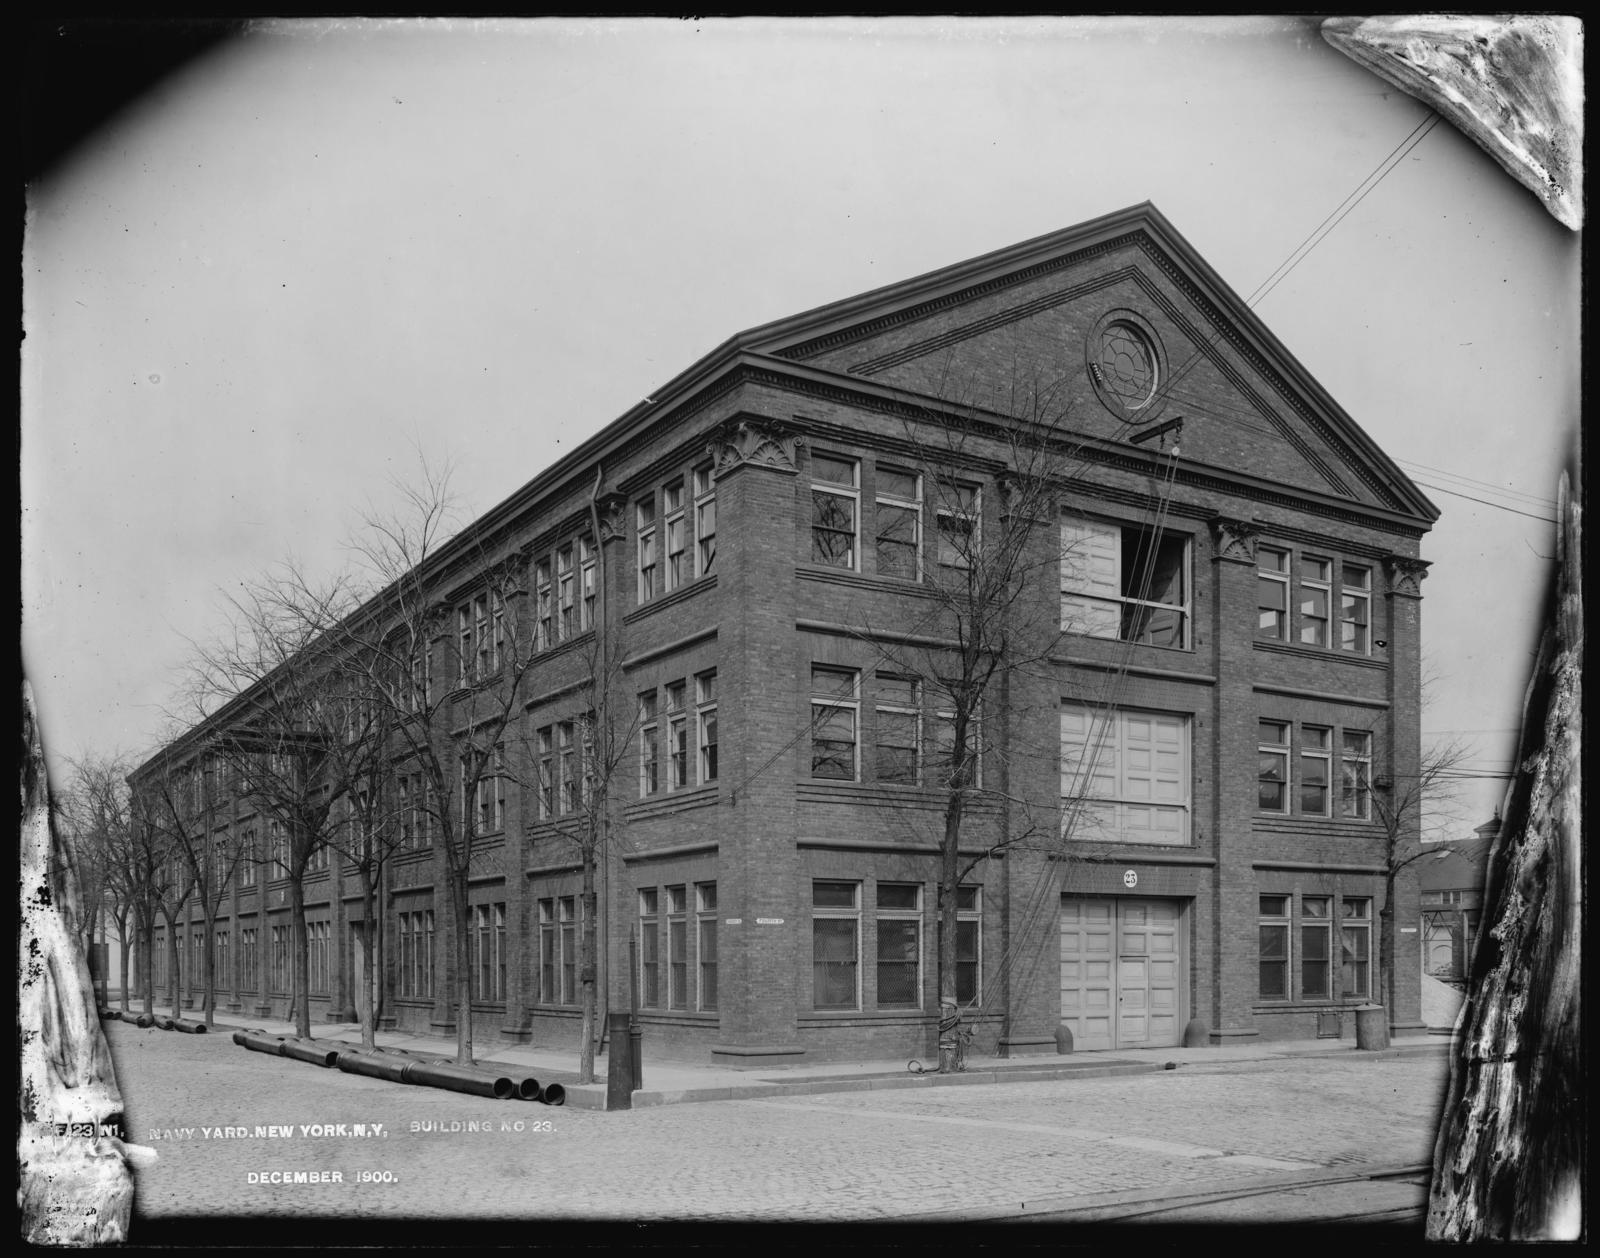 Building Number 23, December 1900.